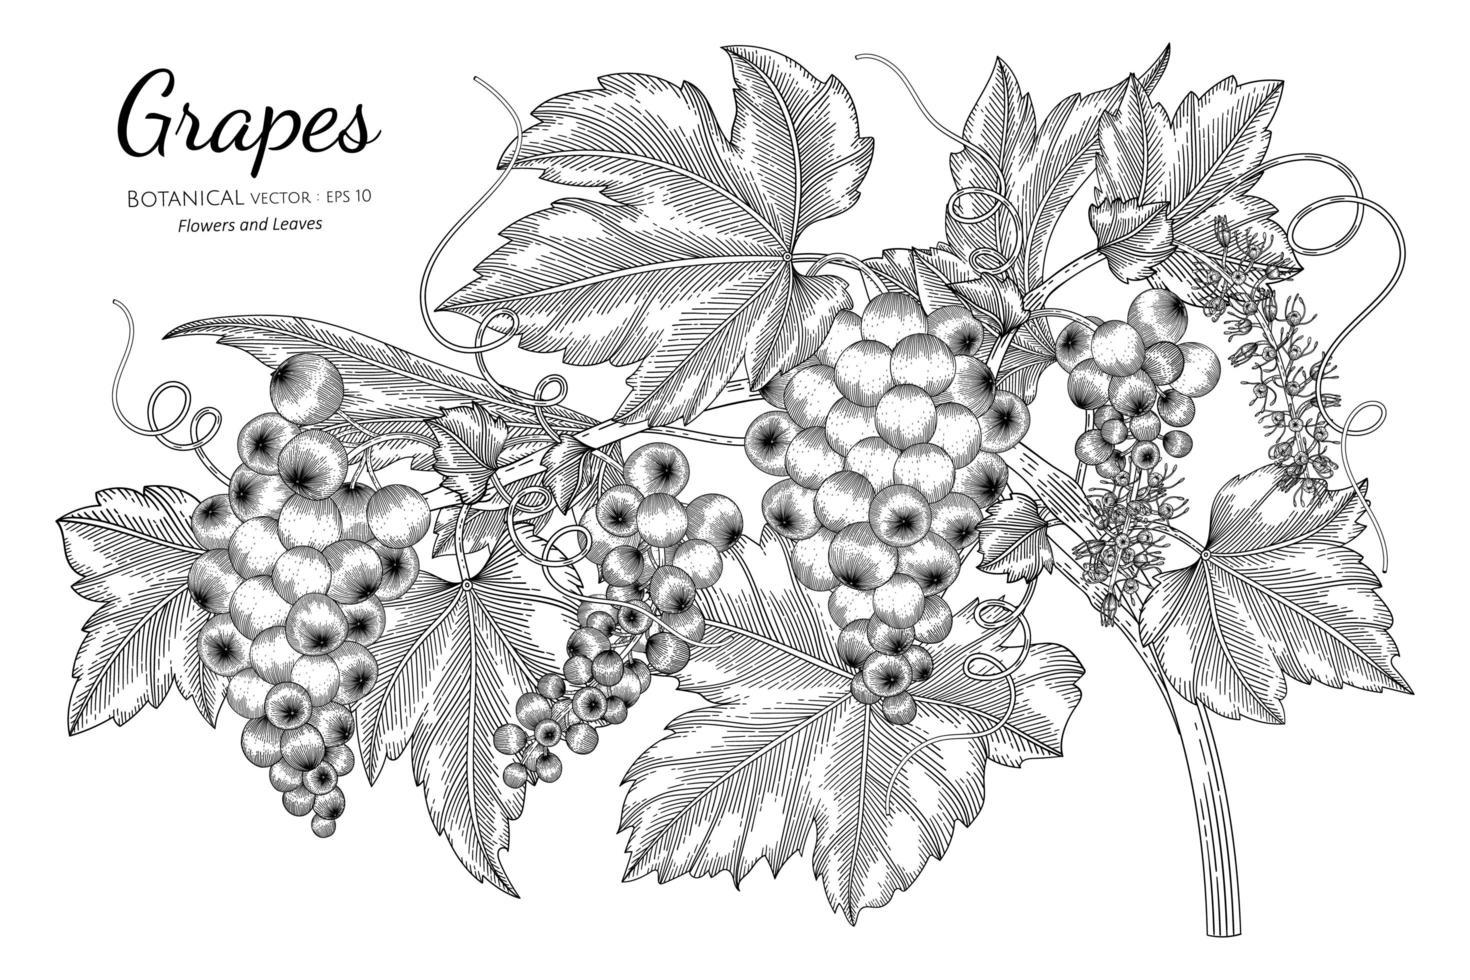 ramos de arte em linha de uva desenhada à mão vetor